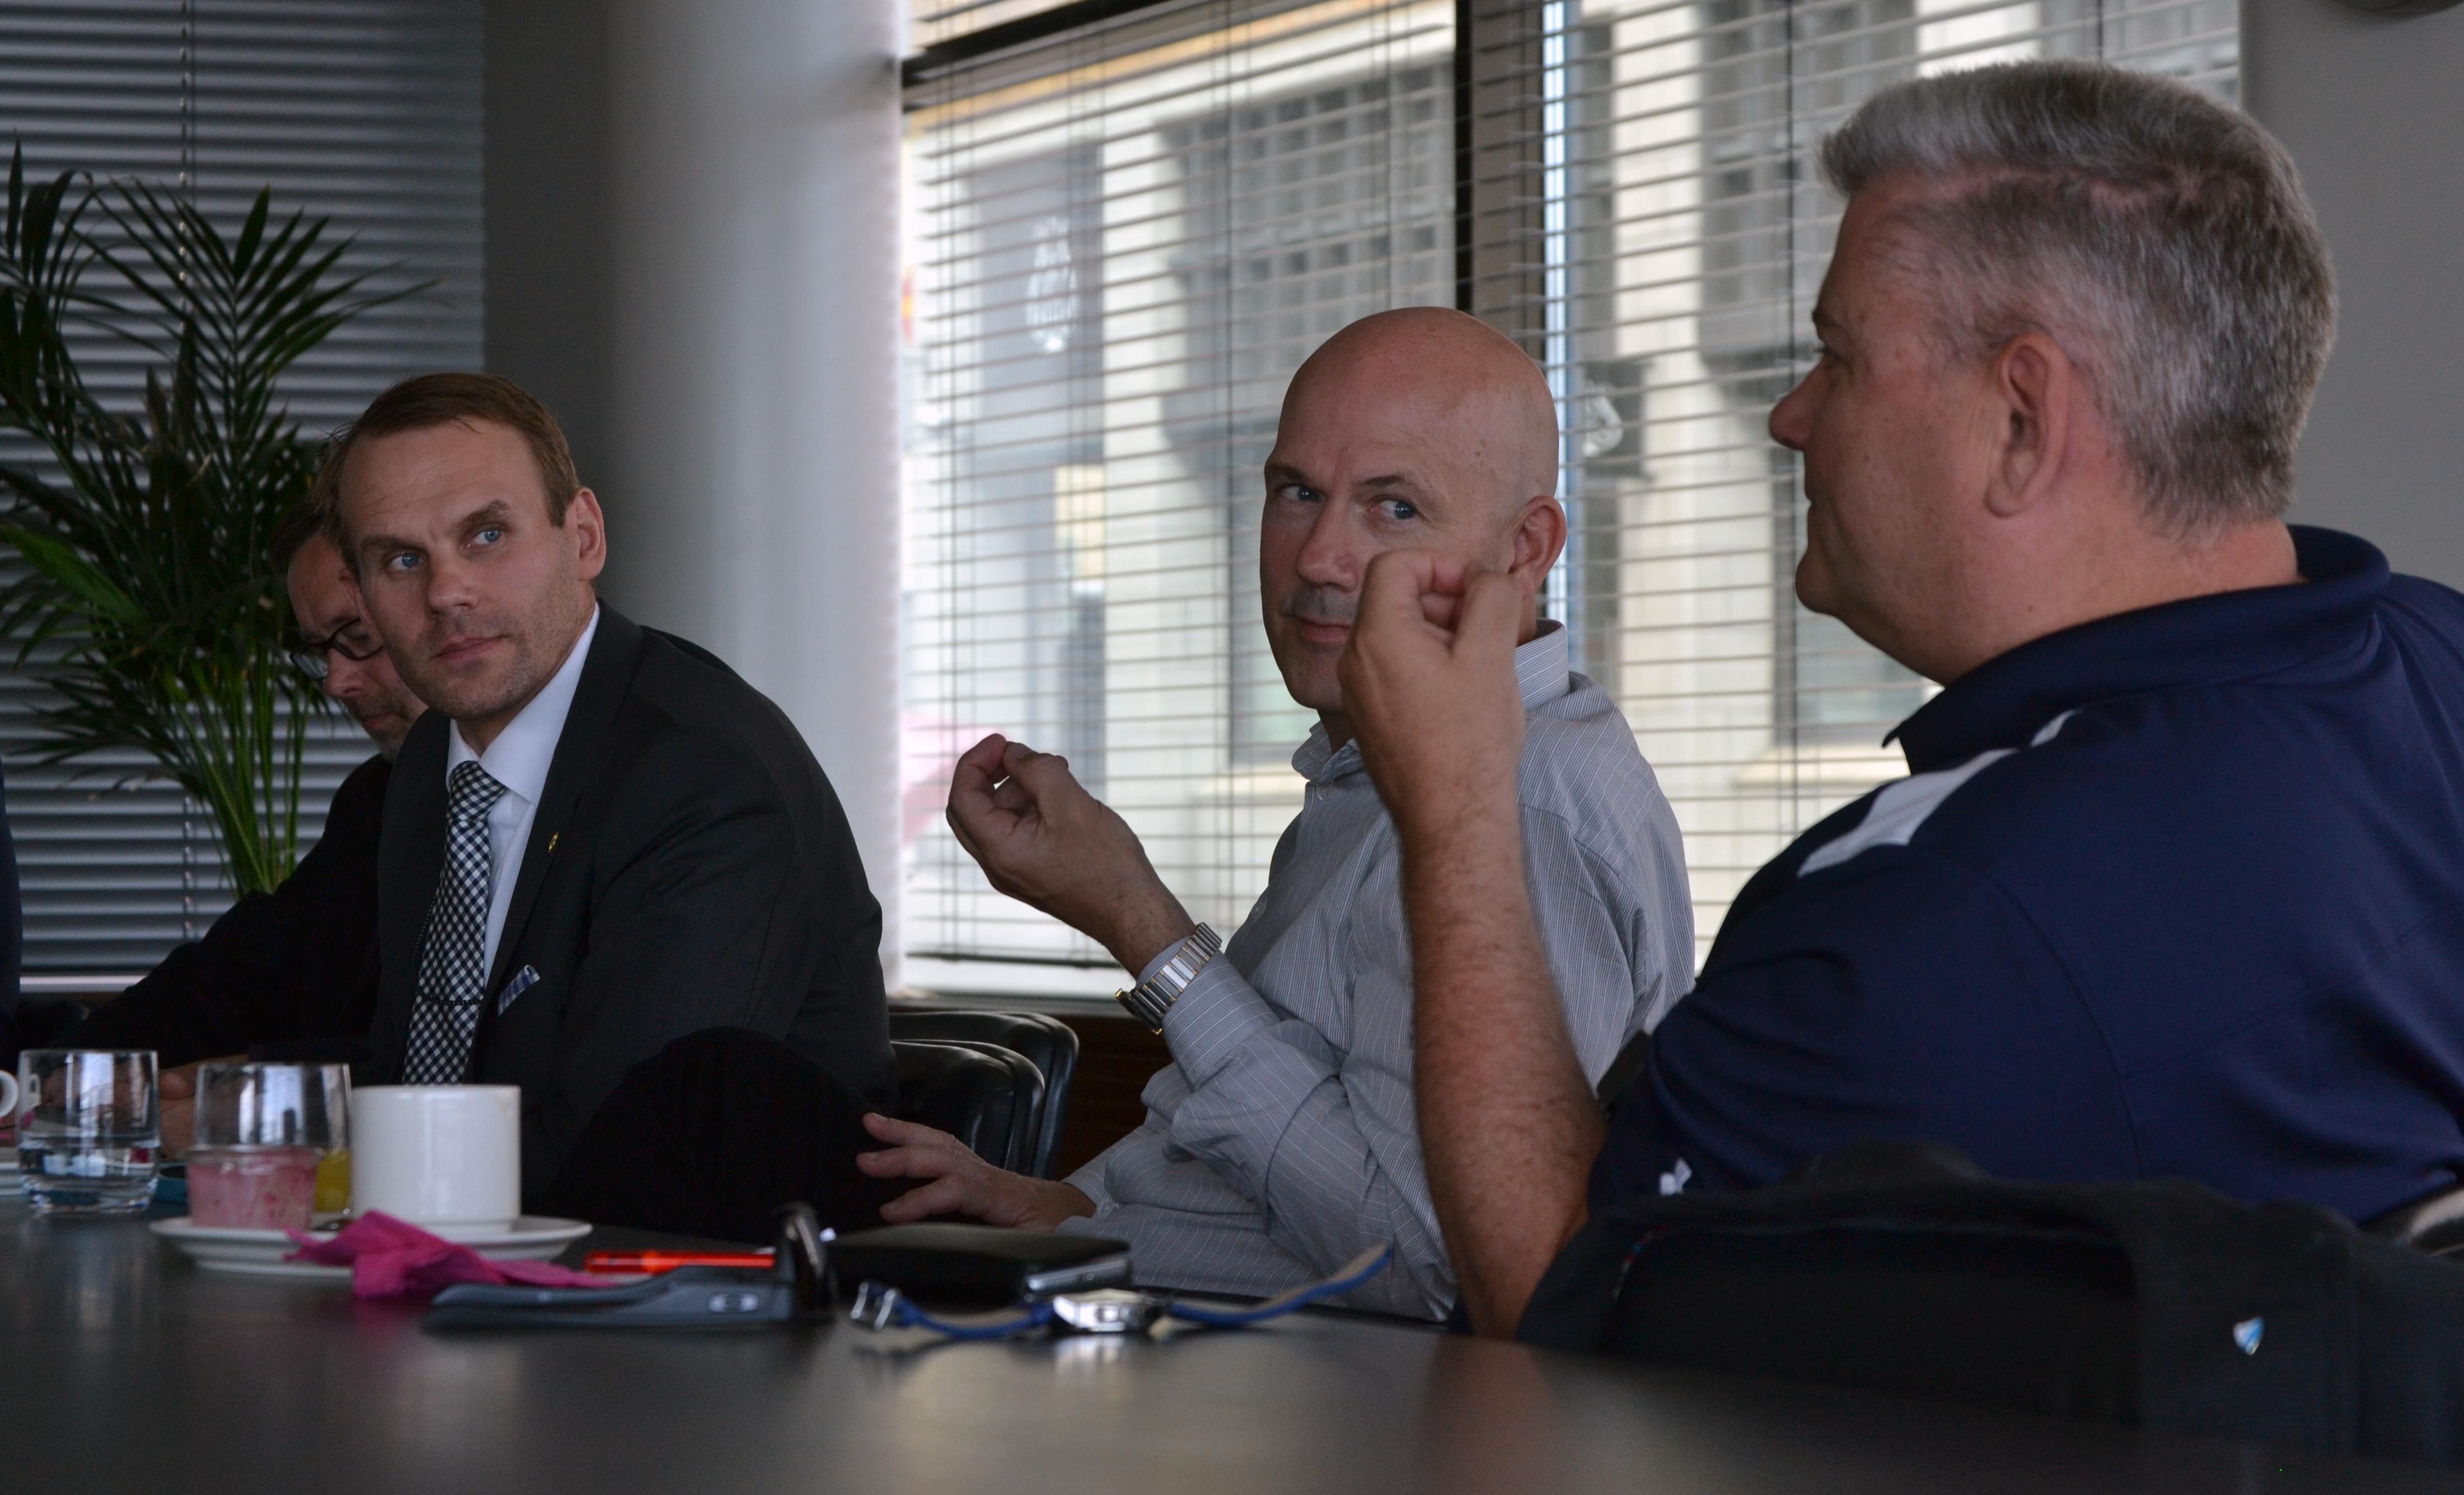 Yritysturvallisuuden asiantuntijat Matti Koskinen (vas.), Erkko Badermann ja Mats Fagerström peräänkuuluttavat yritysten omaa arviota siitä, millaisen riskin se sietää.